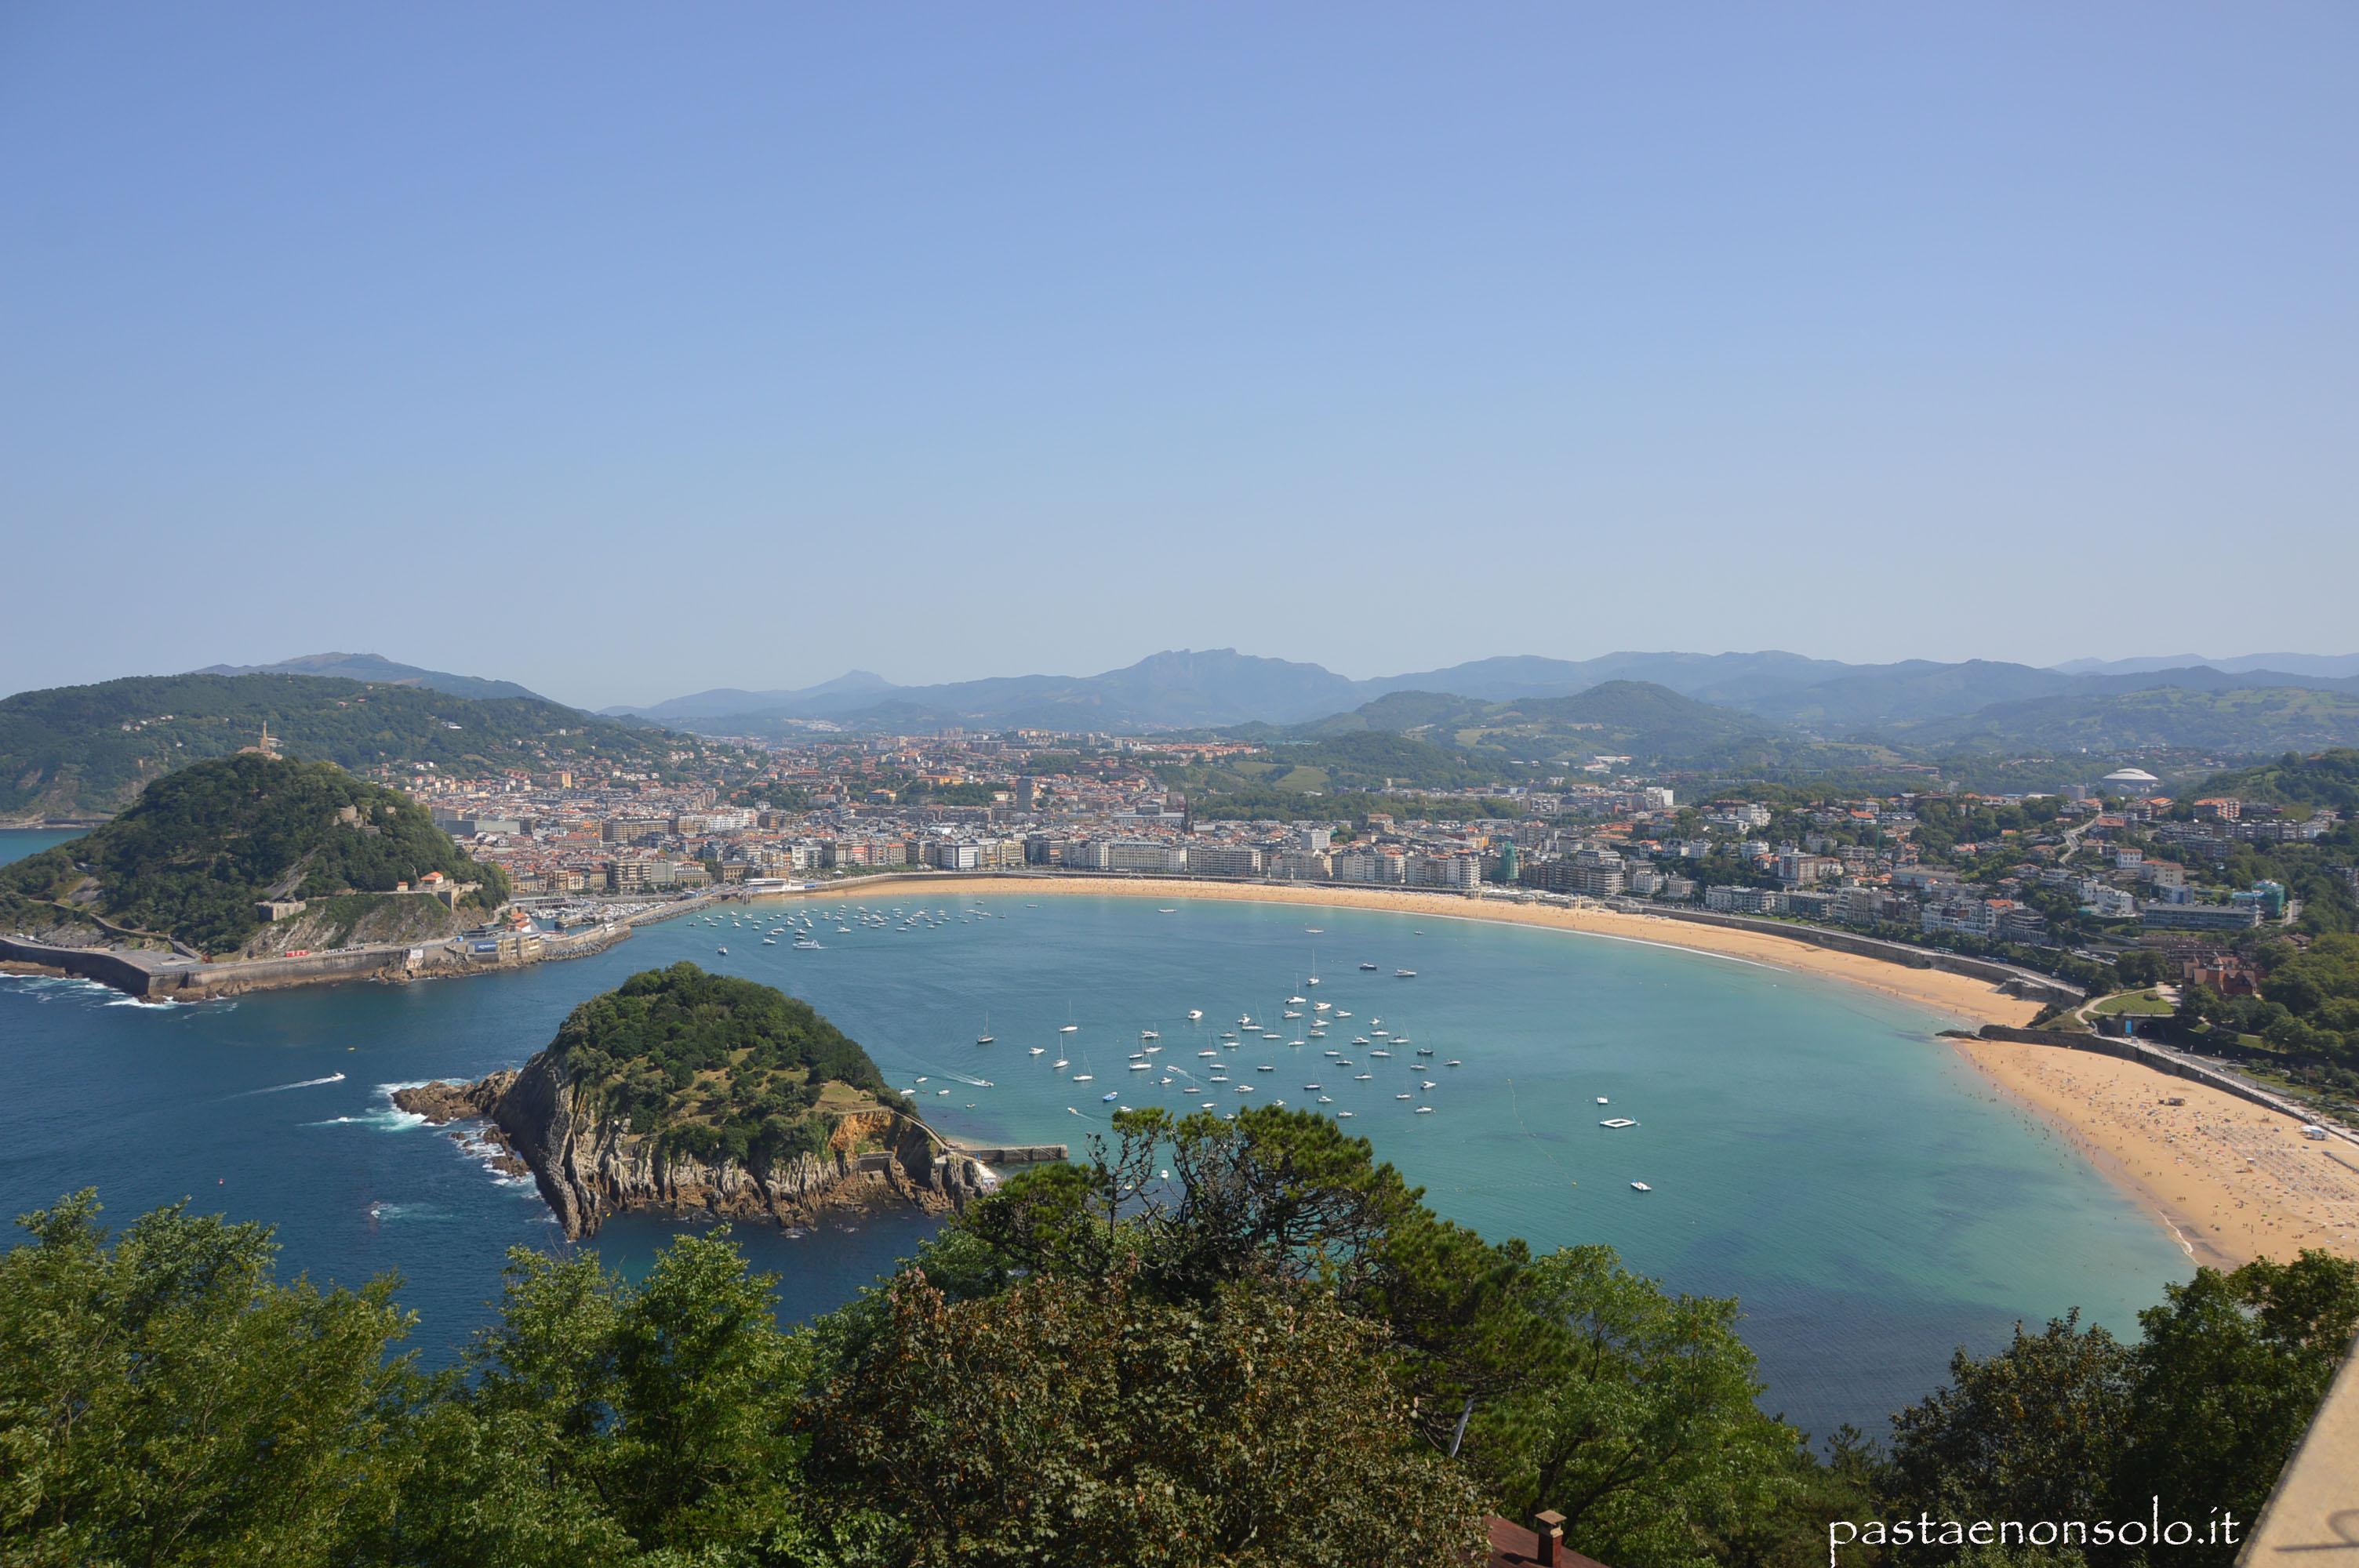 vacanza in Spagna: Santander, San Sebastian, Bilbao parte seconda